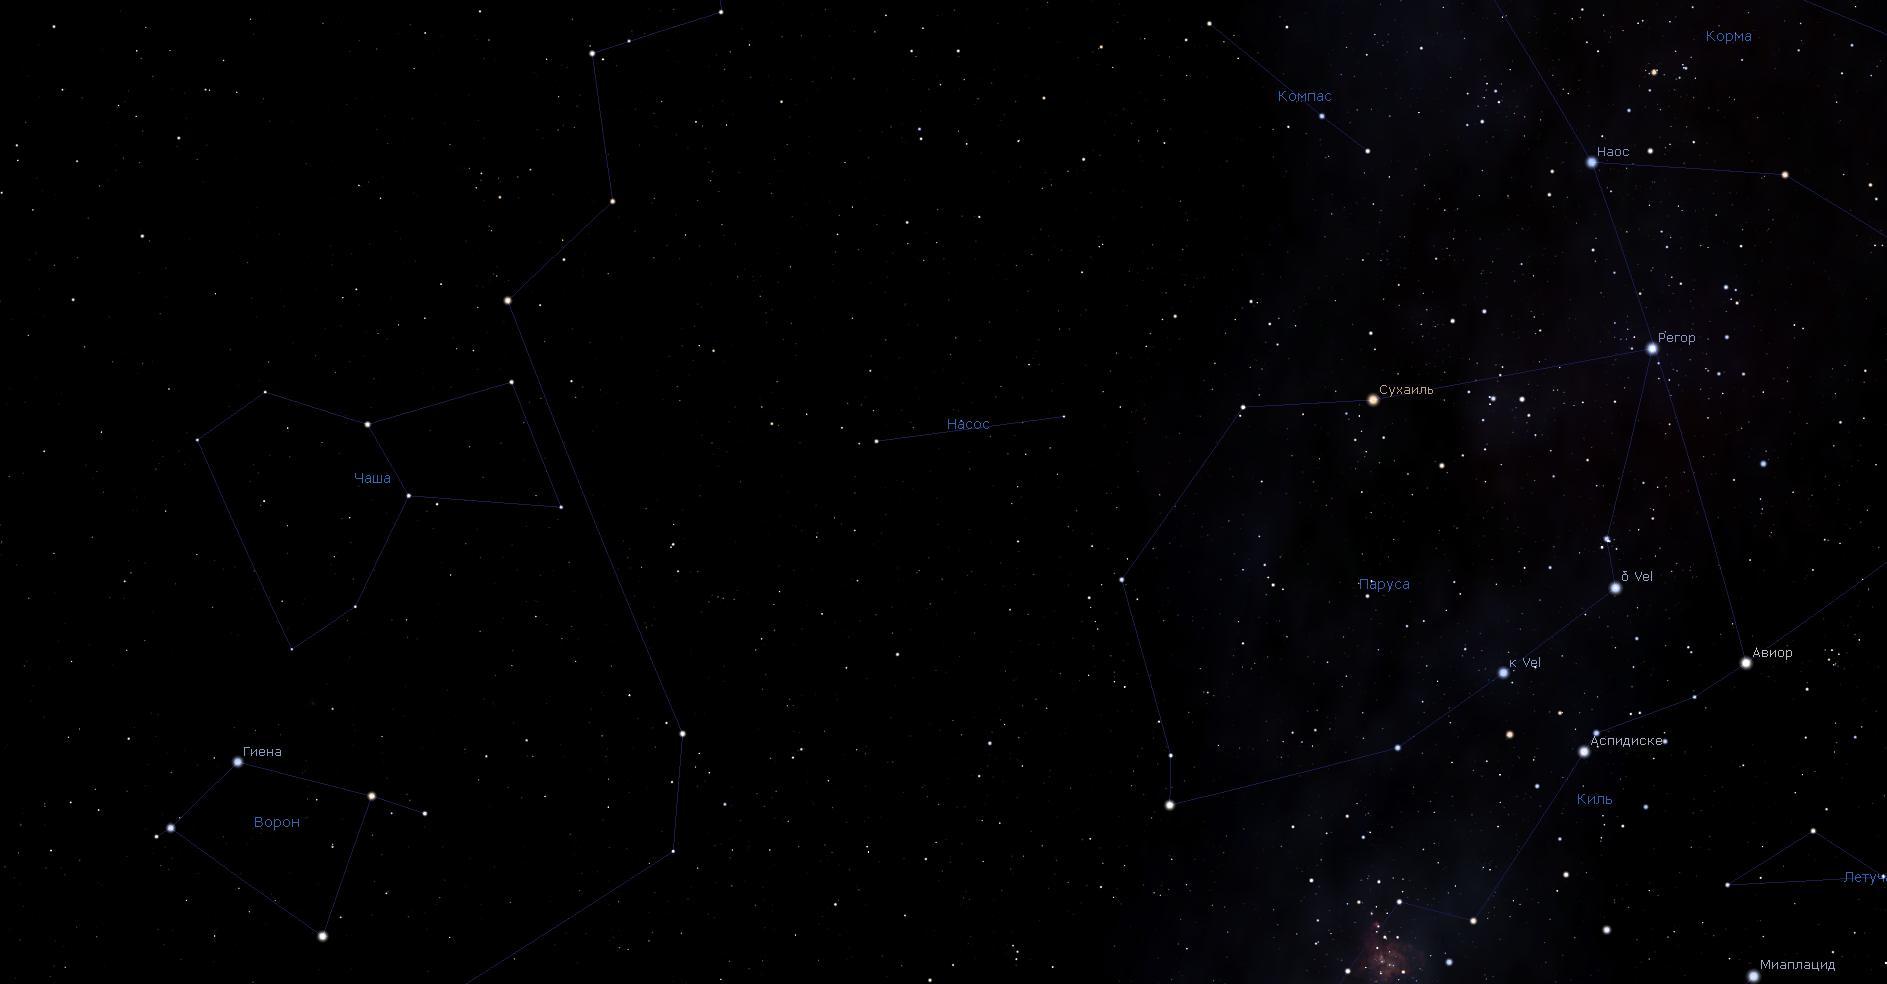 Созвездие Насос, вид в программу планетарий Stellarium